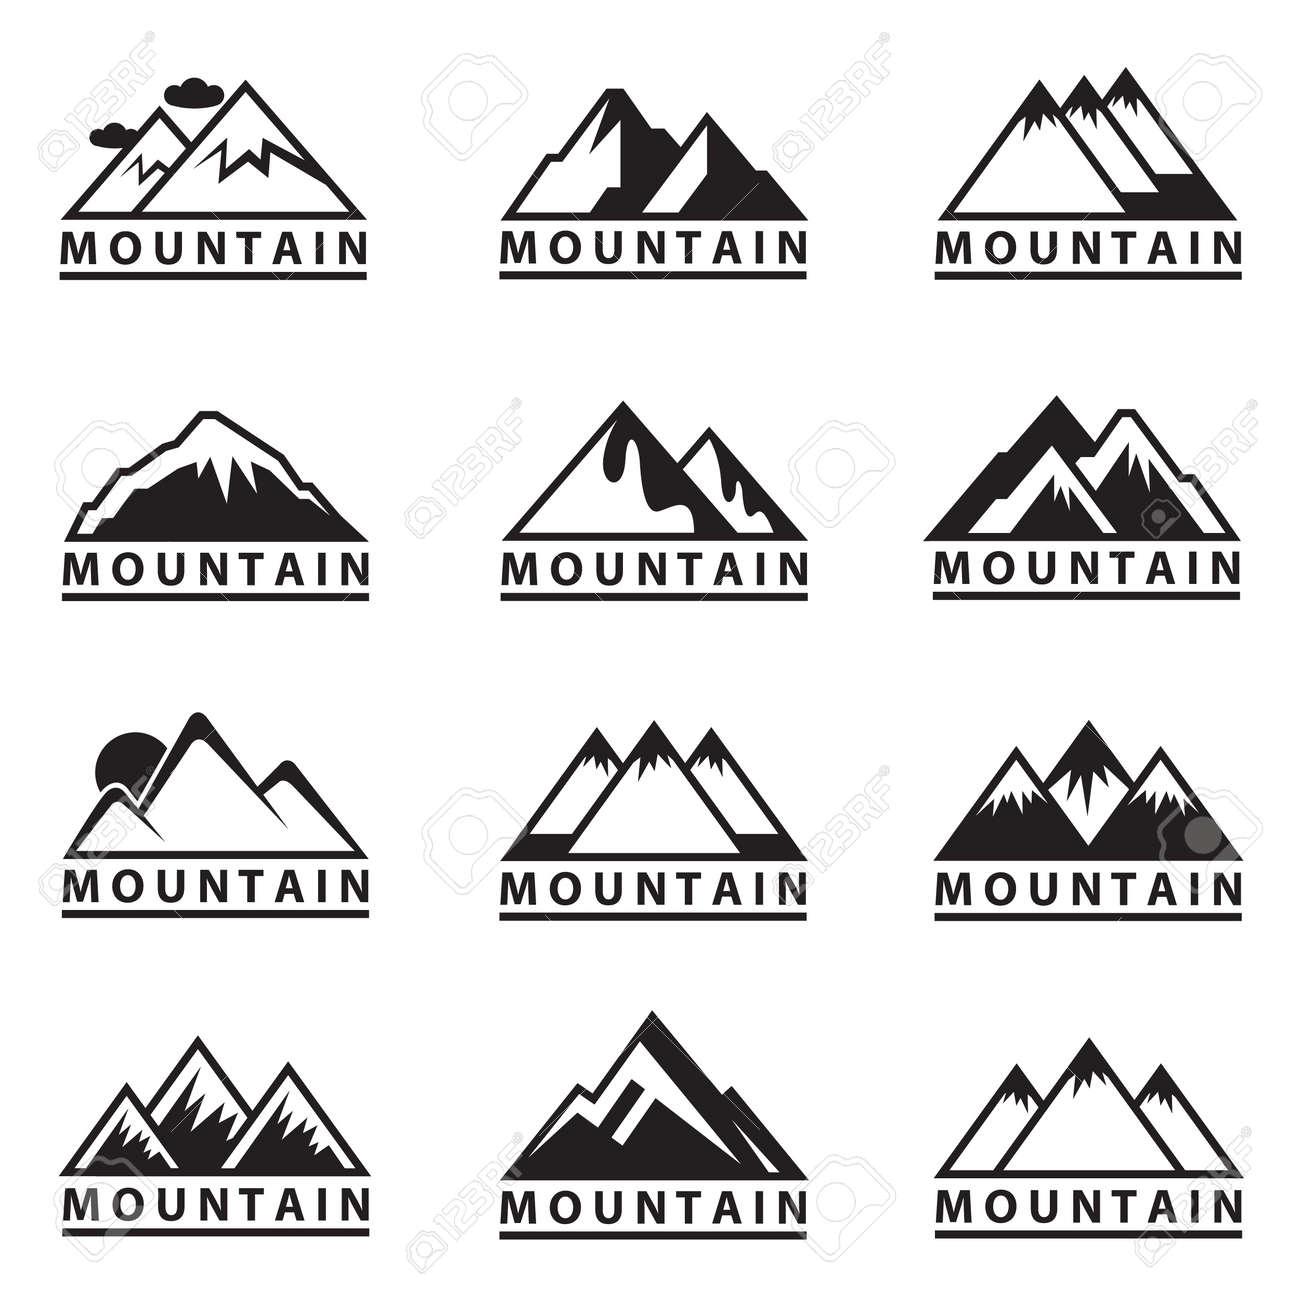 モノクロ 12 山アイコンの設定のイラスト素材ベクタ Image 39235551